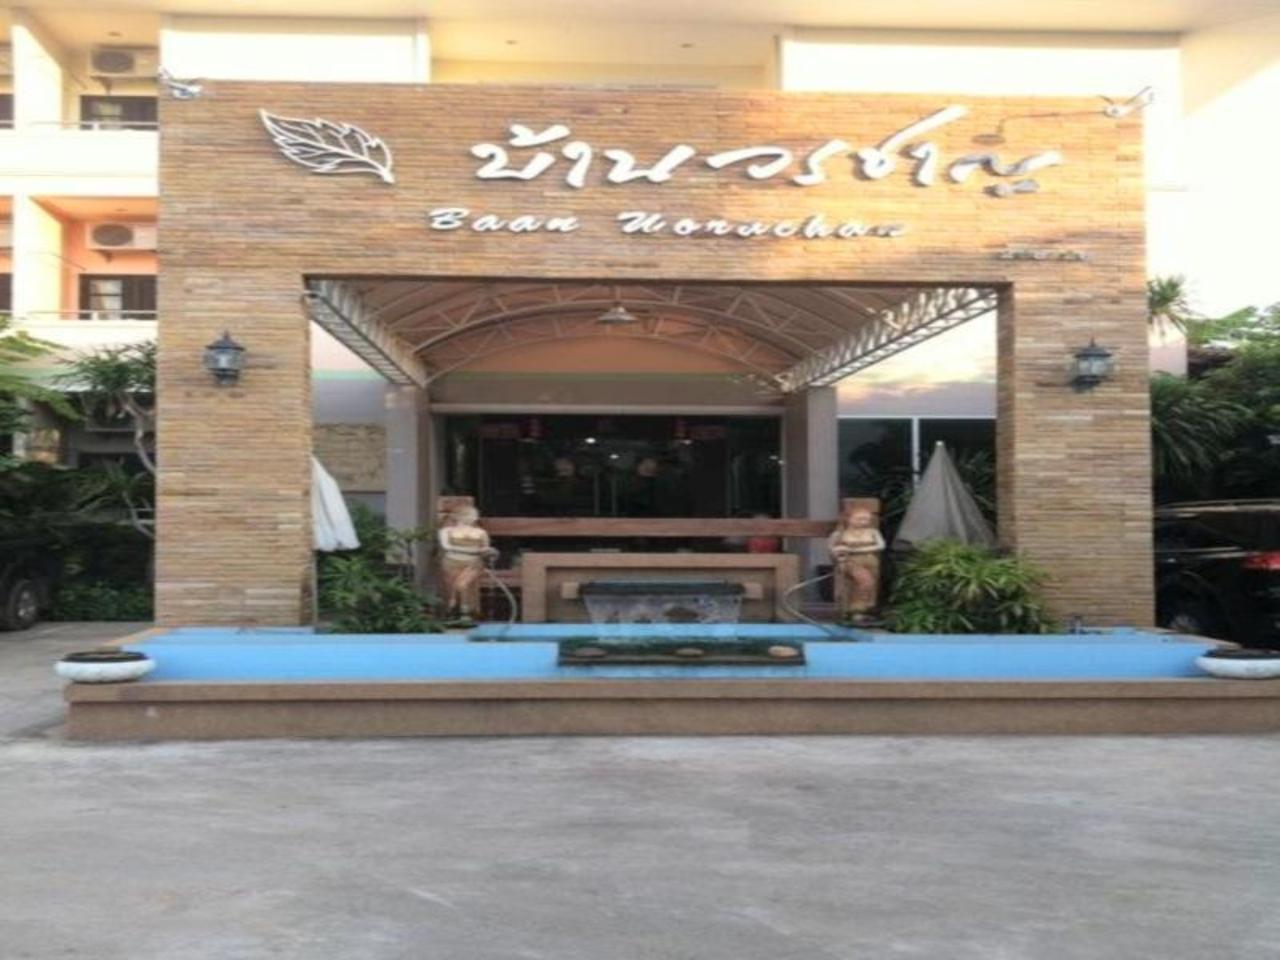 โรงแรมบ้านวรชาญ อพาร์ตเมนต์ (Baan Worachan Hotel Apartments)